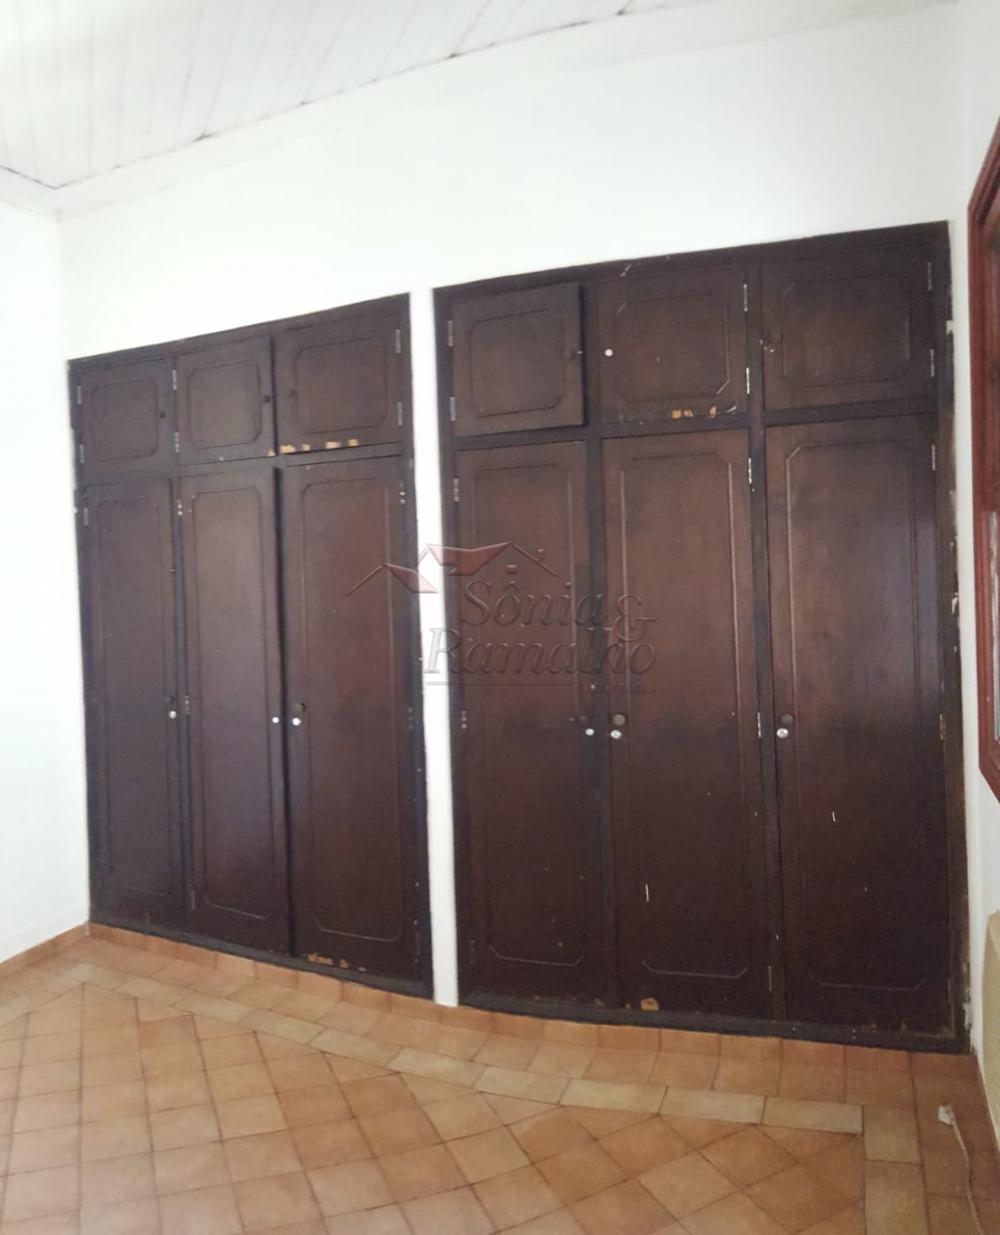 Alugar Comercial / Salão comercial em Ribeirão Preto apenas R$ 3.000,00 - Foto 15